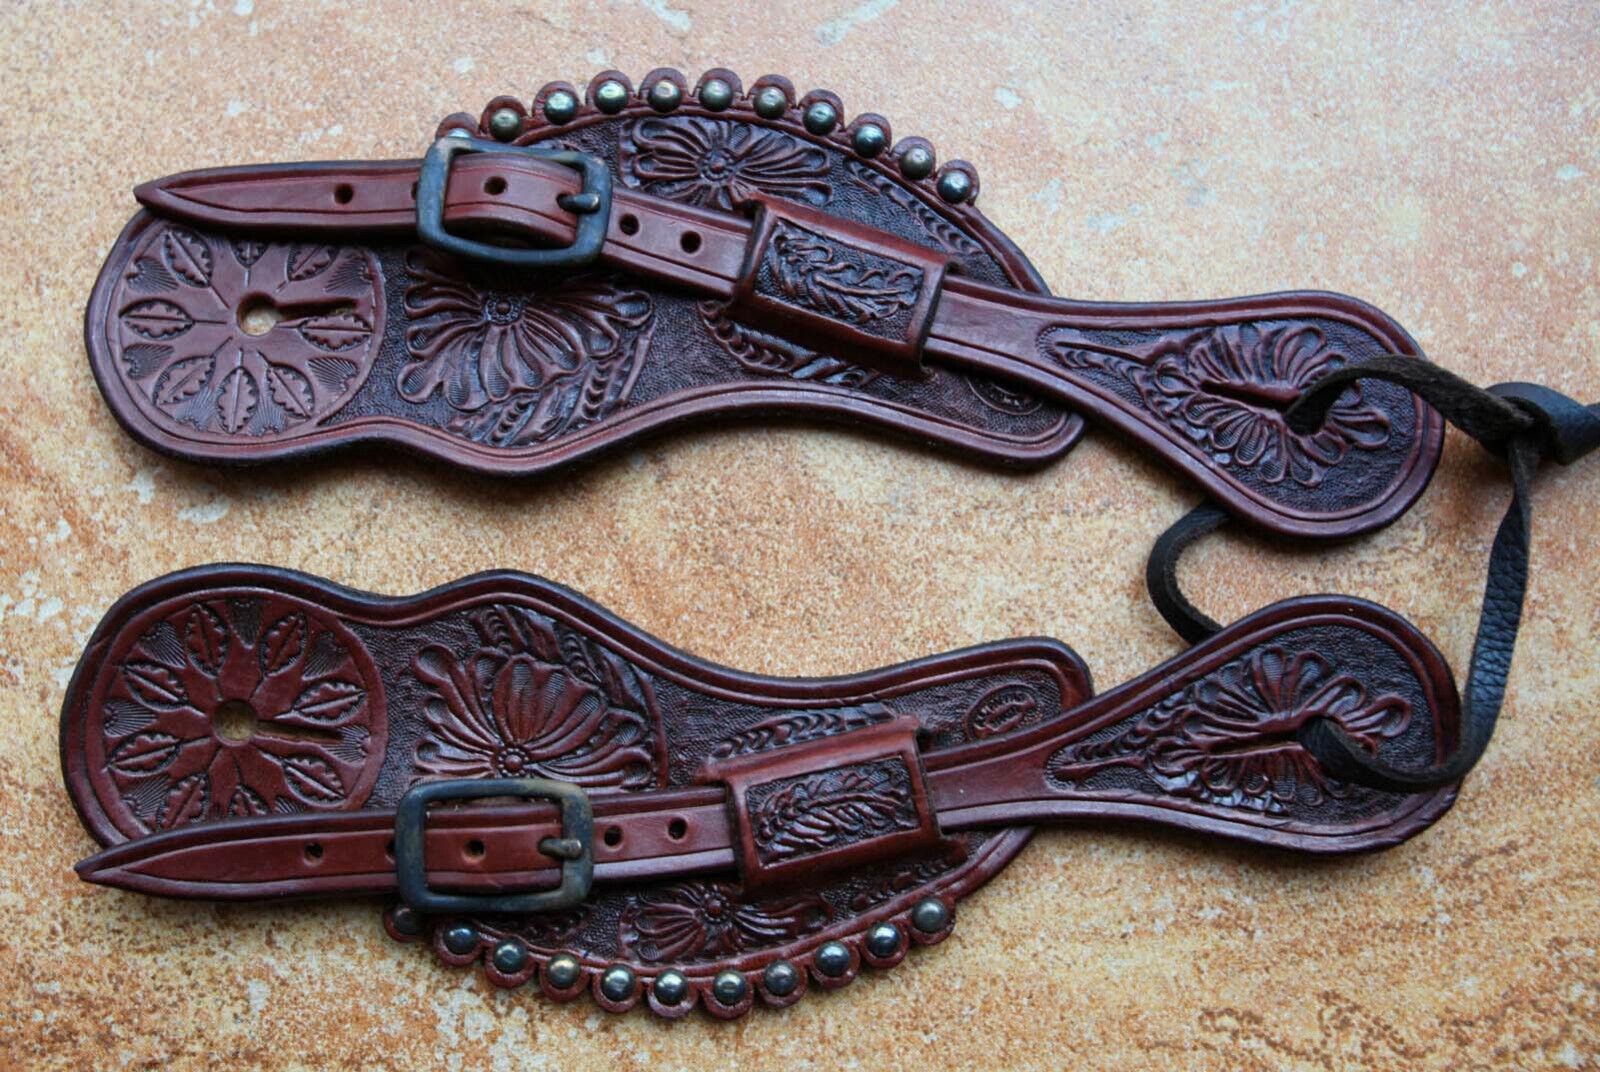 Señoras hermosas Estilo Vaquero Viejo Oeste Tallada a Mano Correas de espuela por Pappas